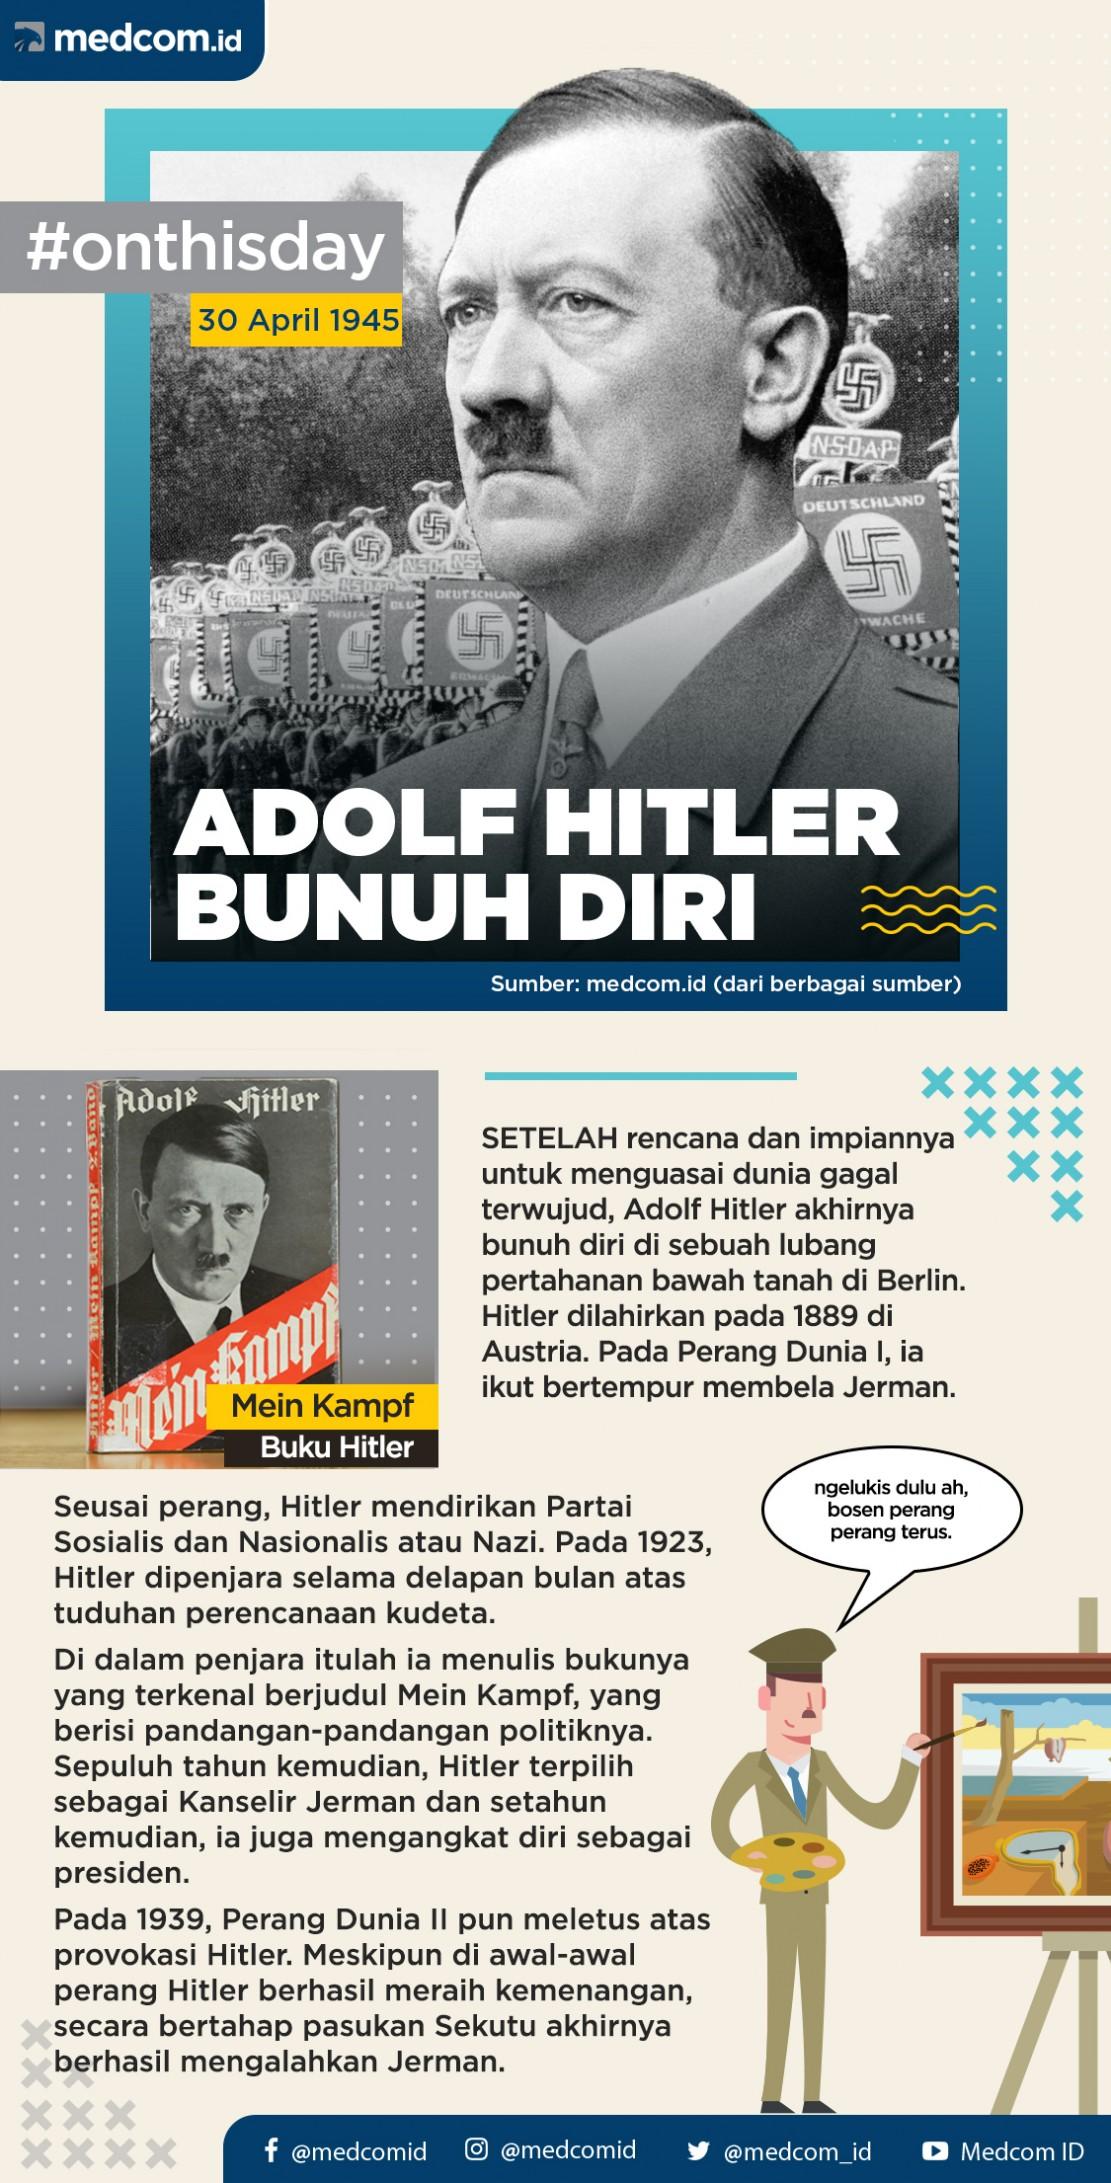 Pada Hari Ini: Adolf Hitler Bunuh Diri